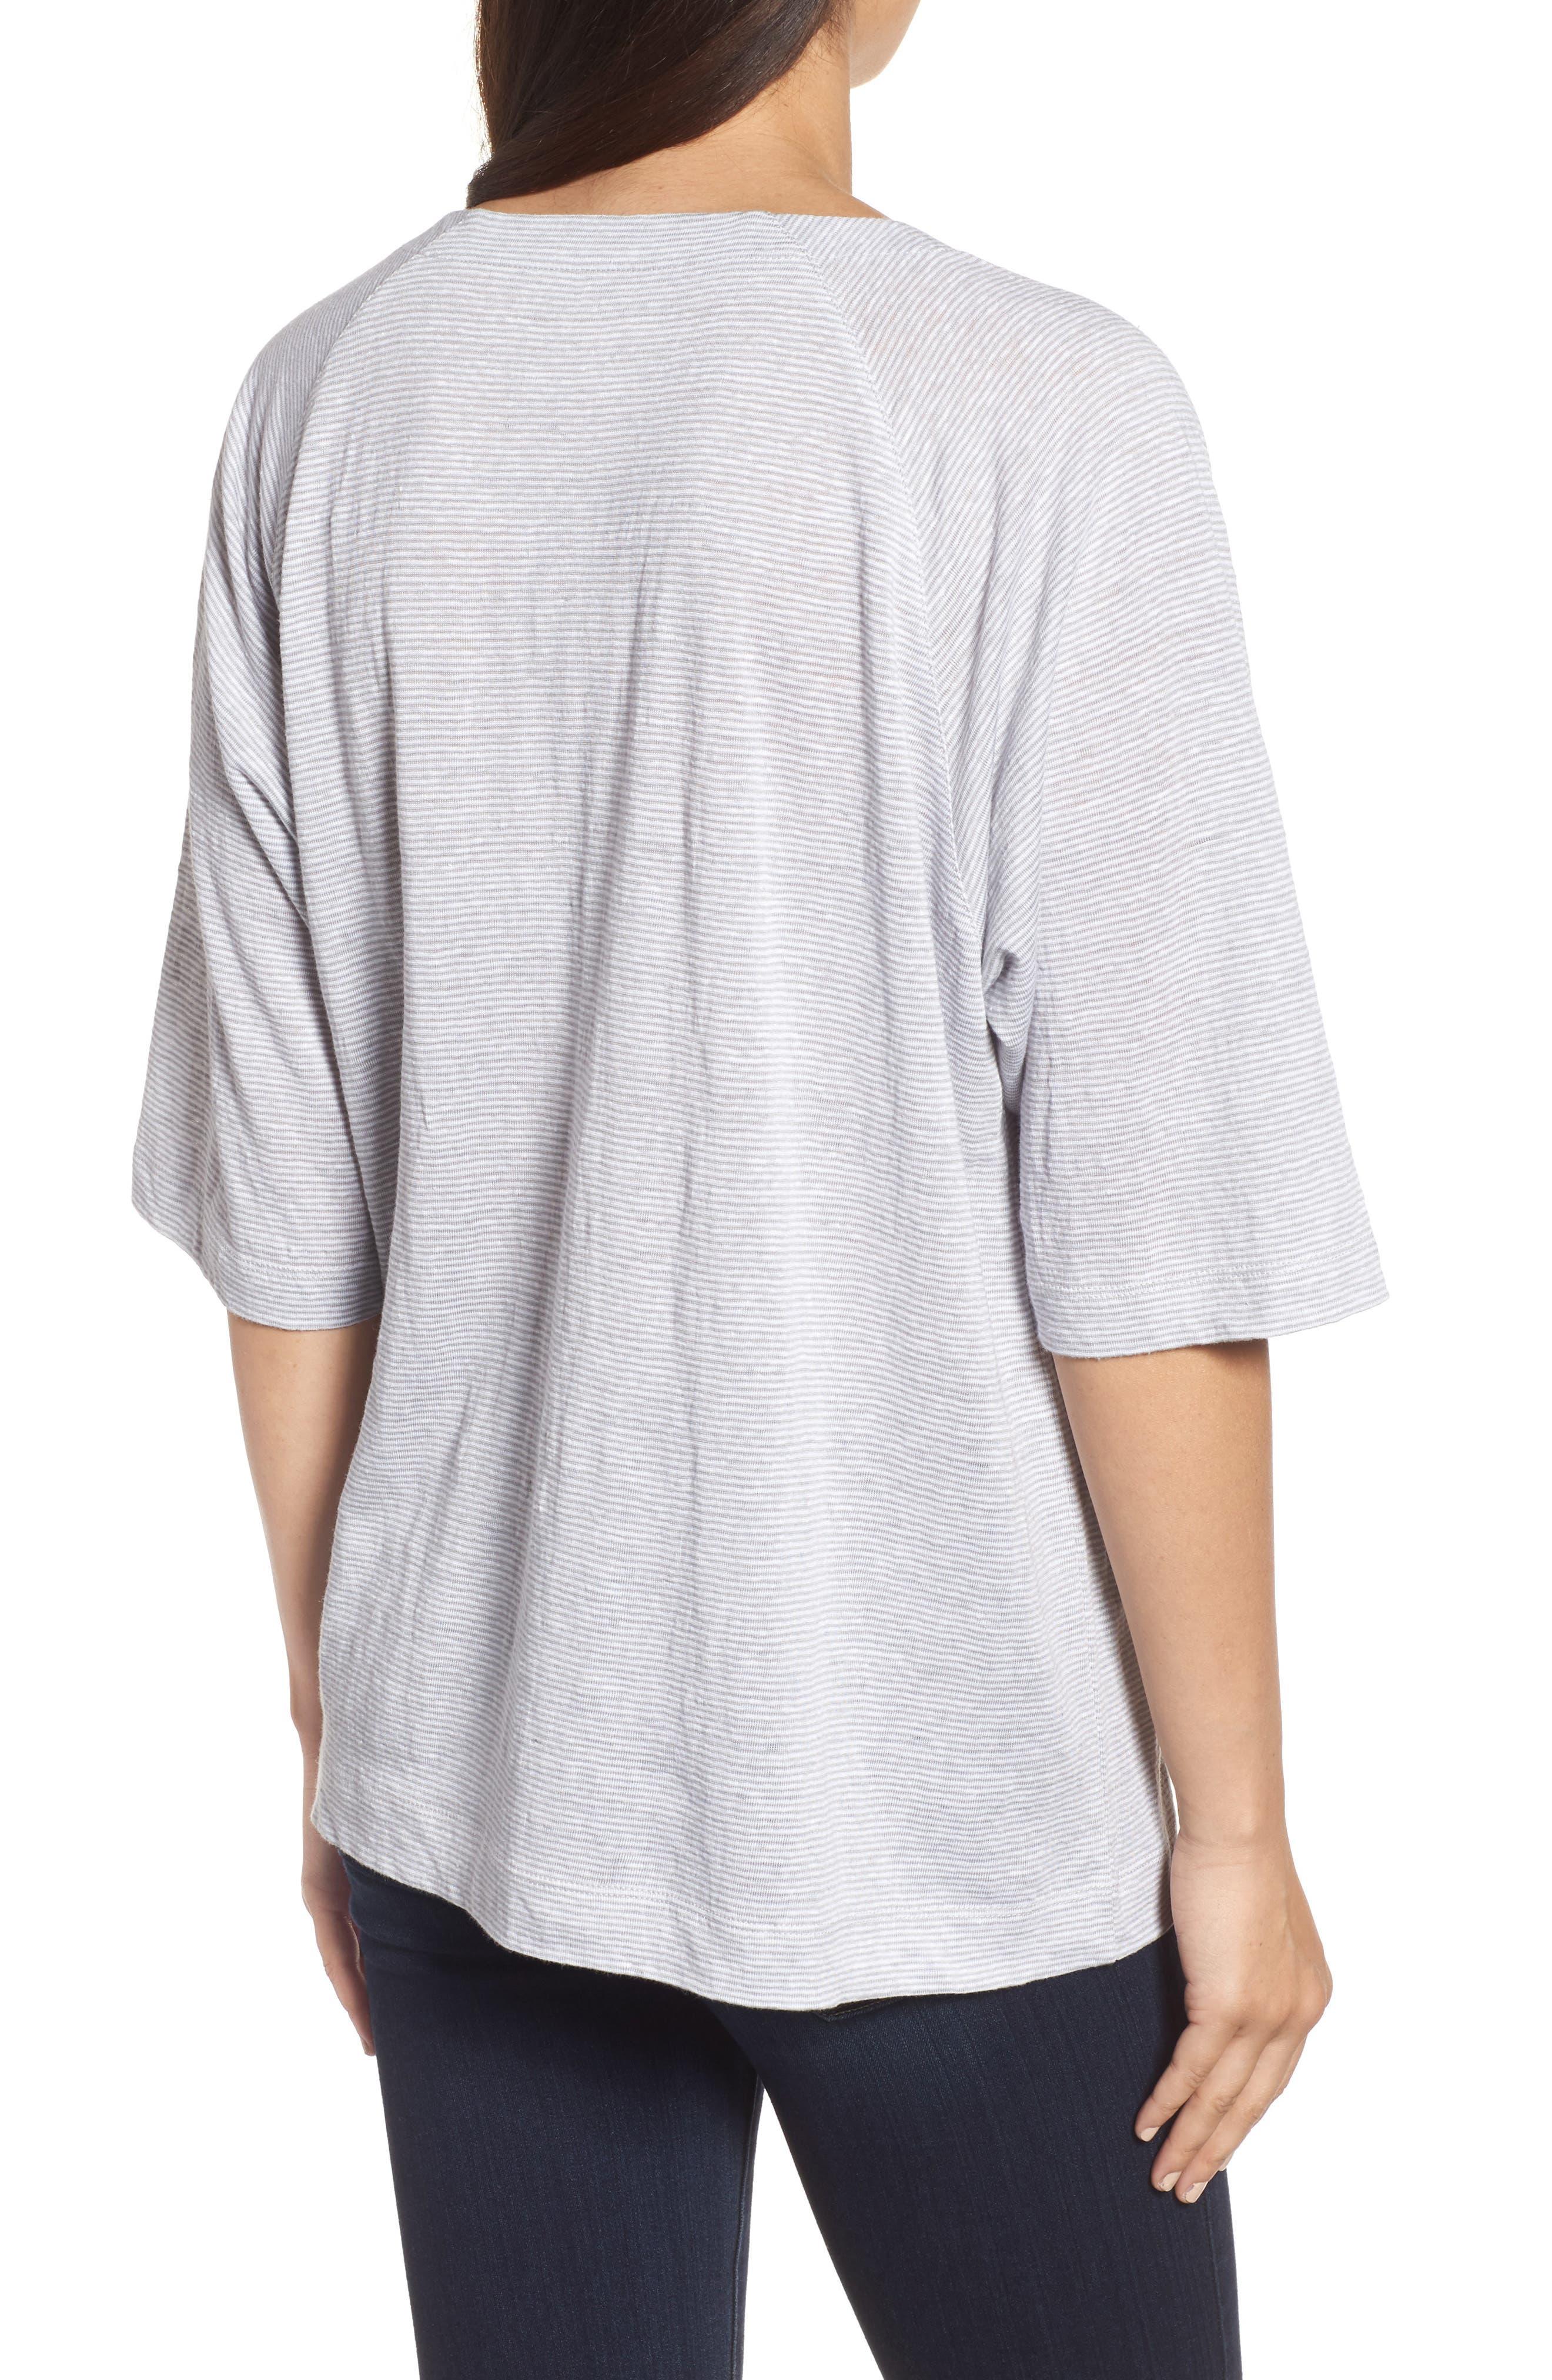 Alternate Image 2  - Eileen Fisher Organic Linen V-Neck Box Tee